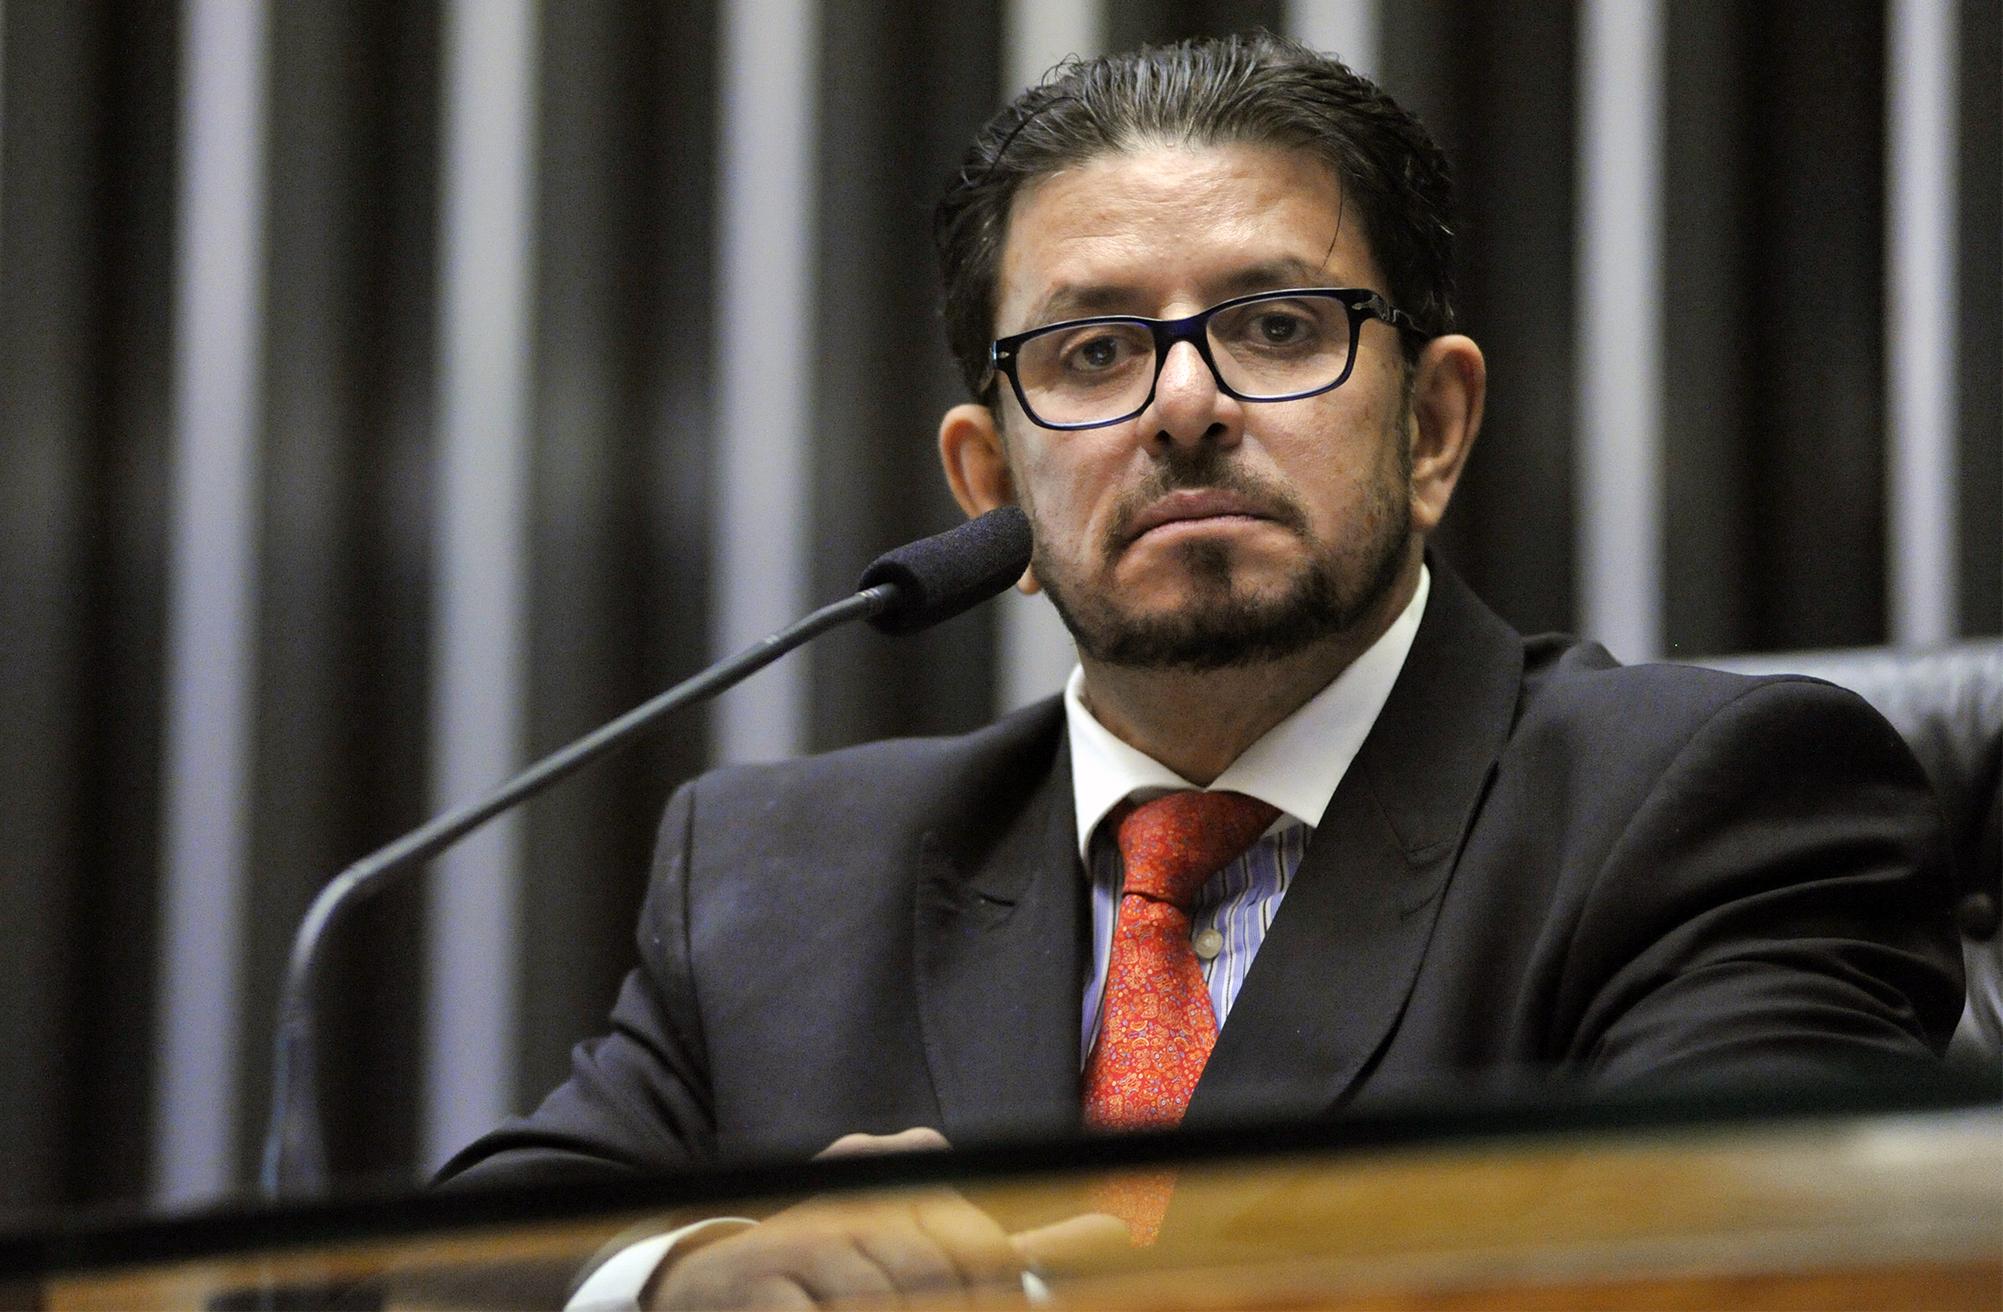 Sessão extraordinária para discussão e votação de projetos. Presidente da Câmara em exercício dep. Fábio Ramalho (PMDB - MG)